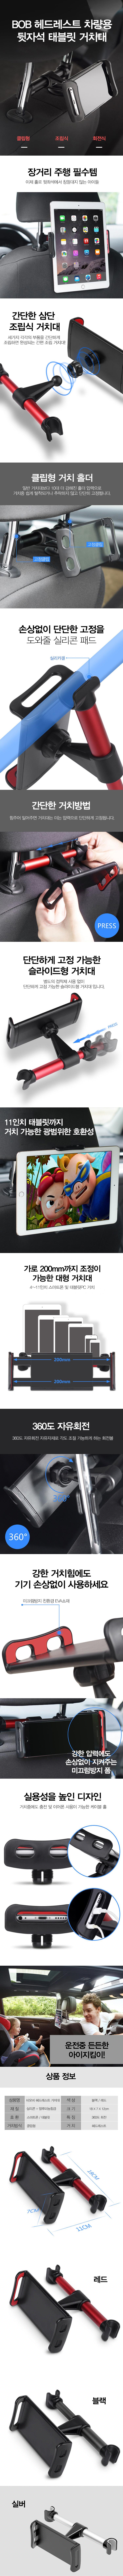 bob 차량용 헤드레스트 뒷좌석 스마트폰 태블릿 거치대 - 비오비, 10,900원, 거치대/홀더, 차량용 거치대